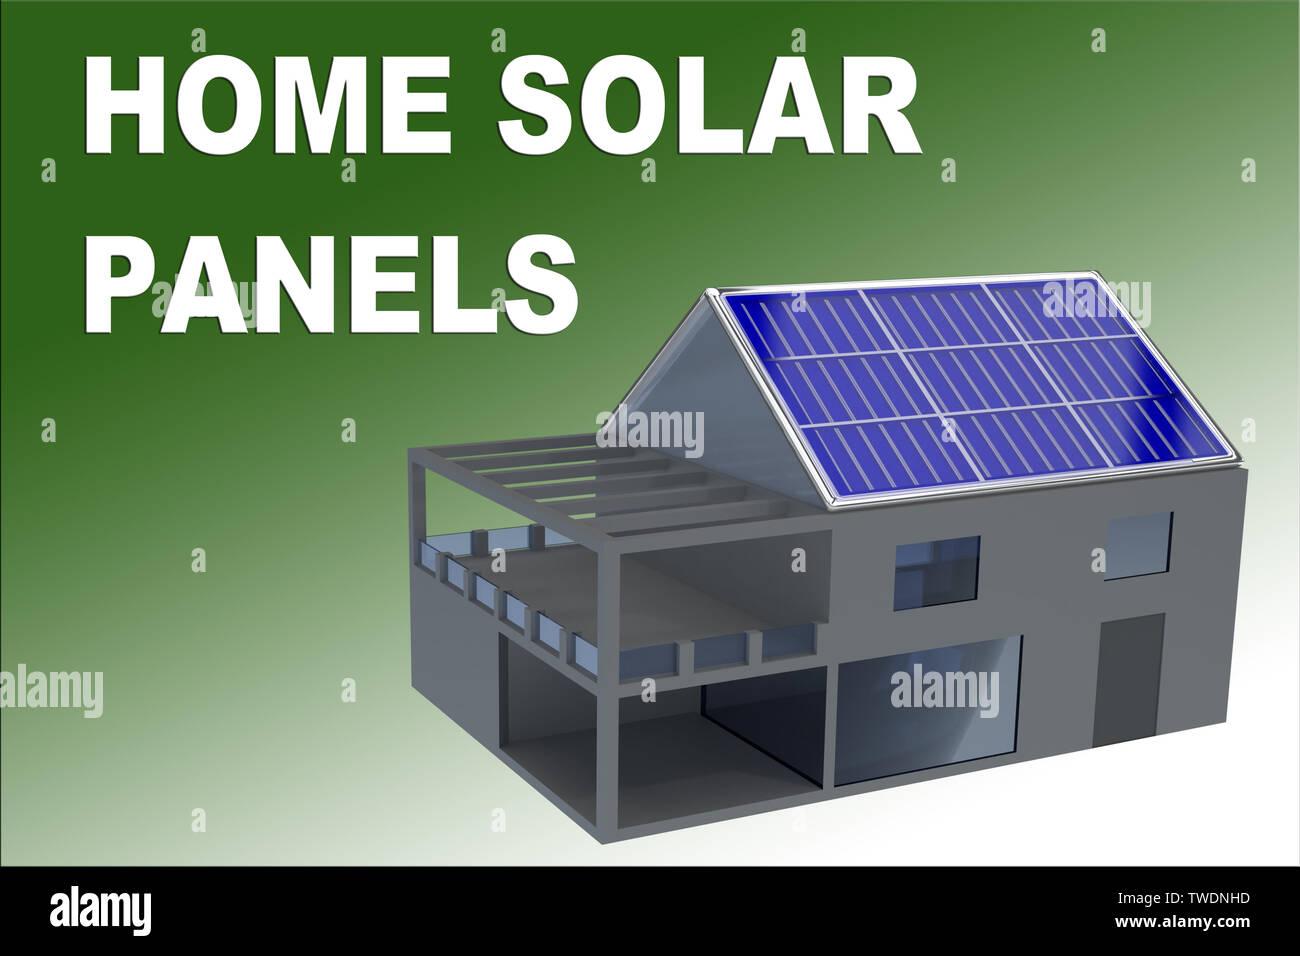 Ilustración 3D de Casa Solar panel título sobre el degradado verde como fondo, junto con un edificio con paneles solares montados en el techo. Imagen De Stock